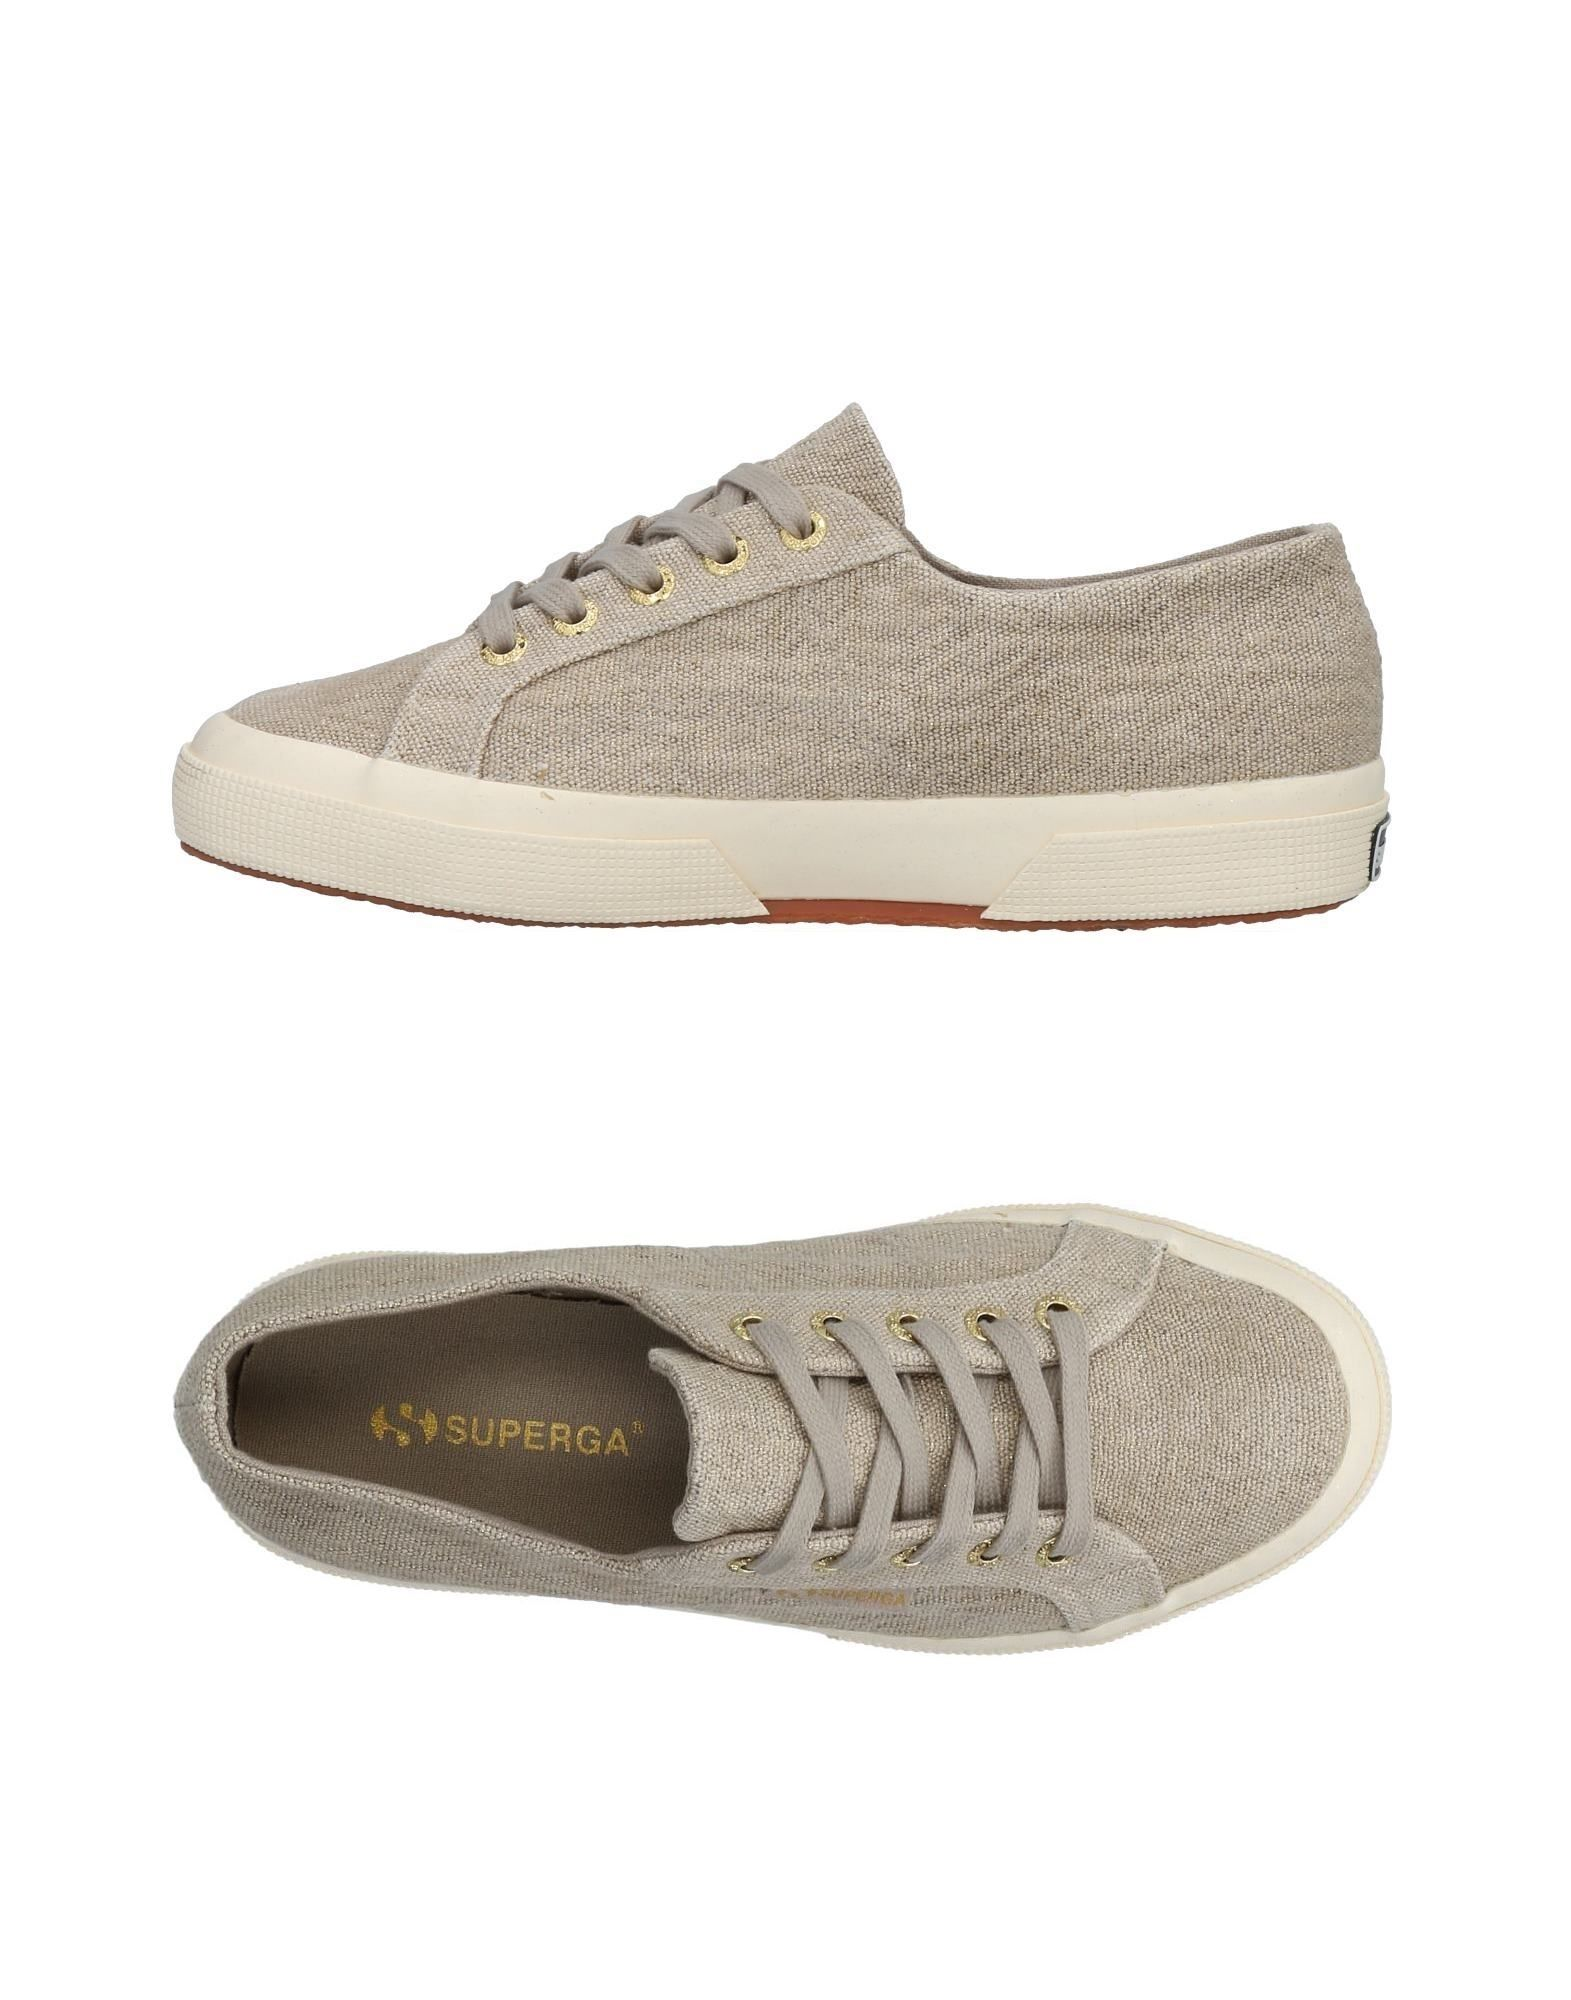 Superga® Sneakers Damen  11486496OF Gute Qualität beliebte Schuhe